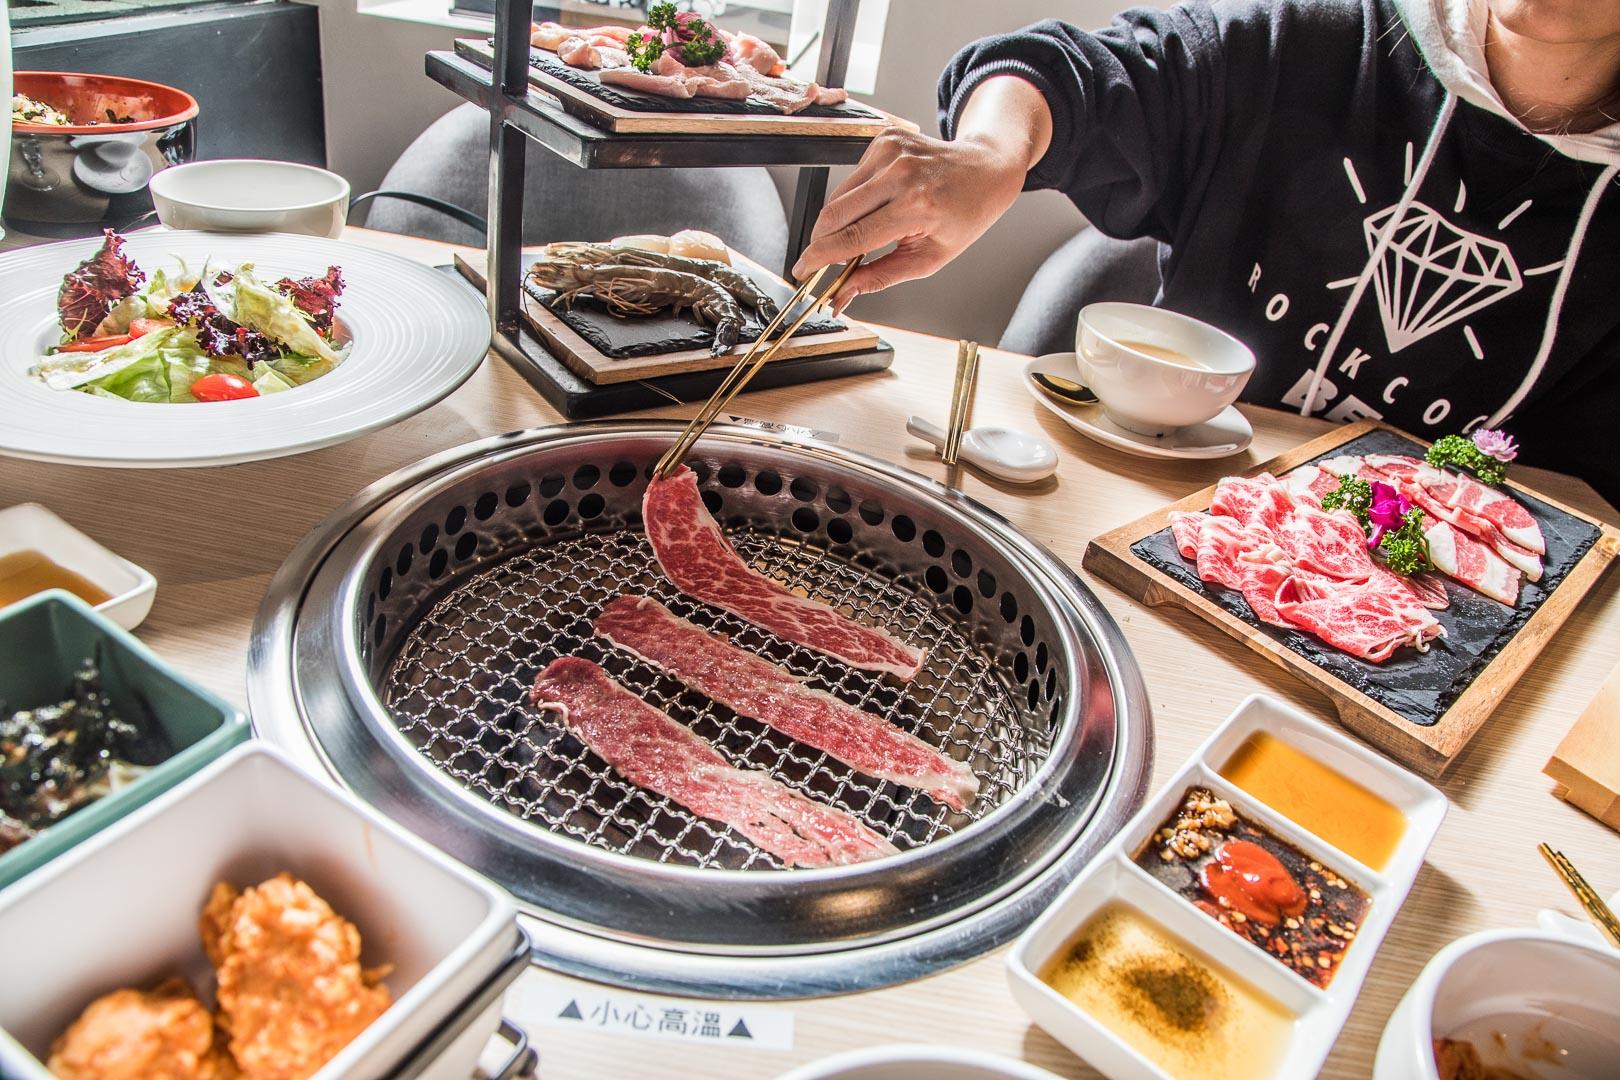 [台北美食]小豬樂石忠孝旗艦店/女孩們看過來,小資族也能輕鬆享受頂級韓式燒肉套餐